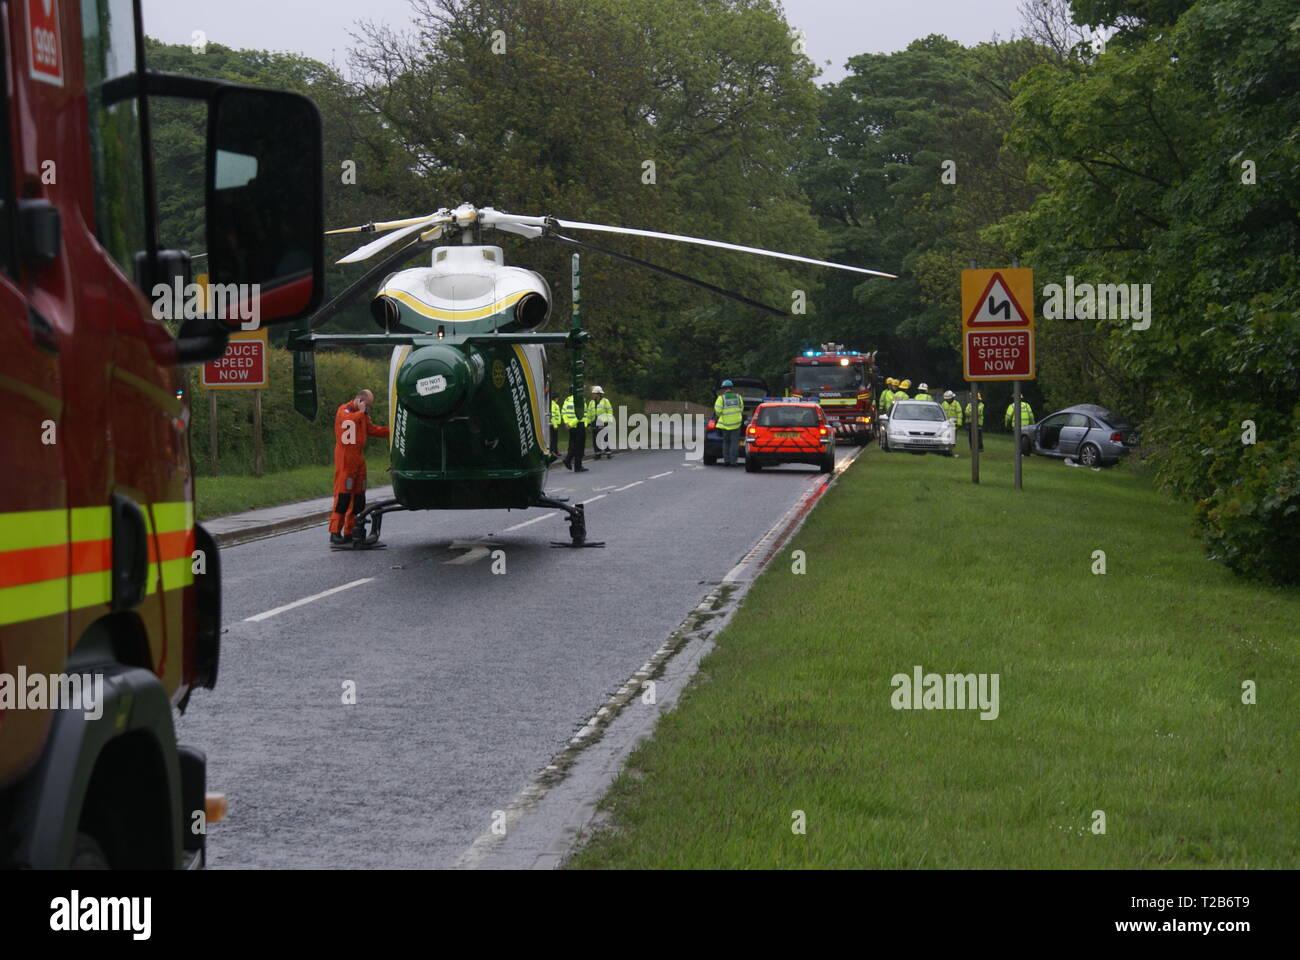 car crash victim, Helicopter Medivac - Stock Image